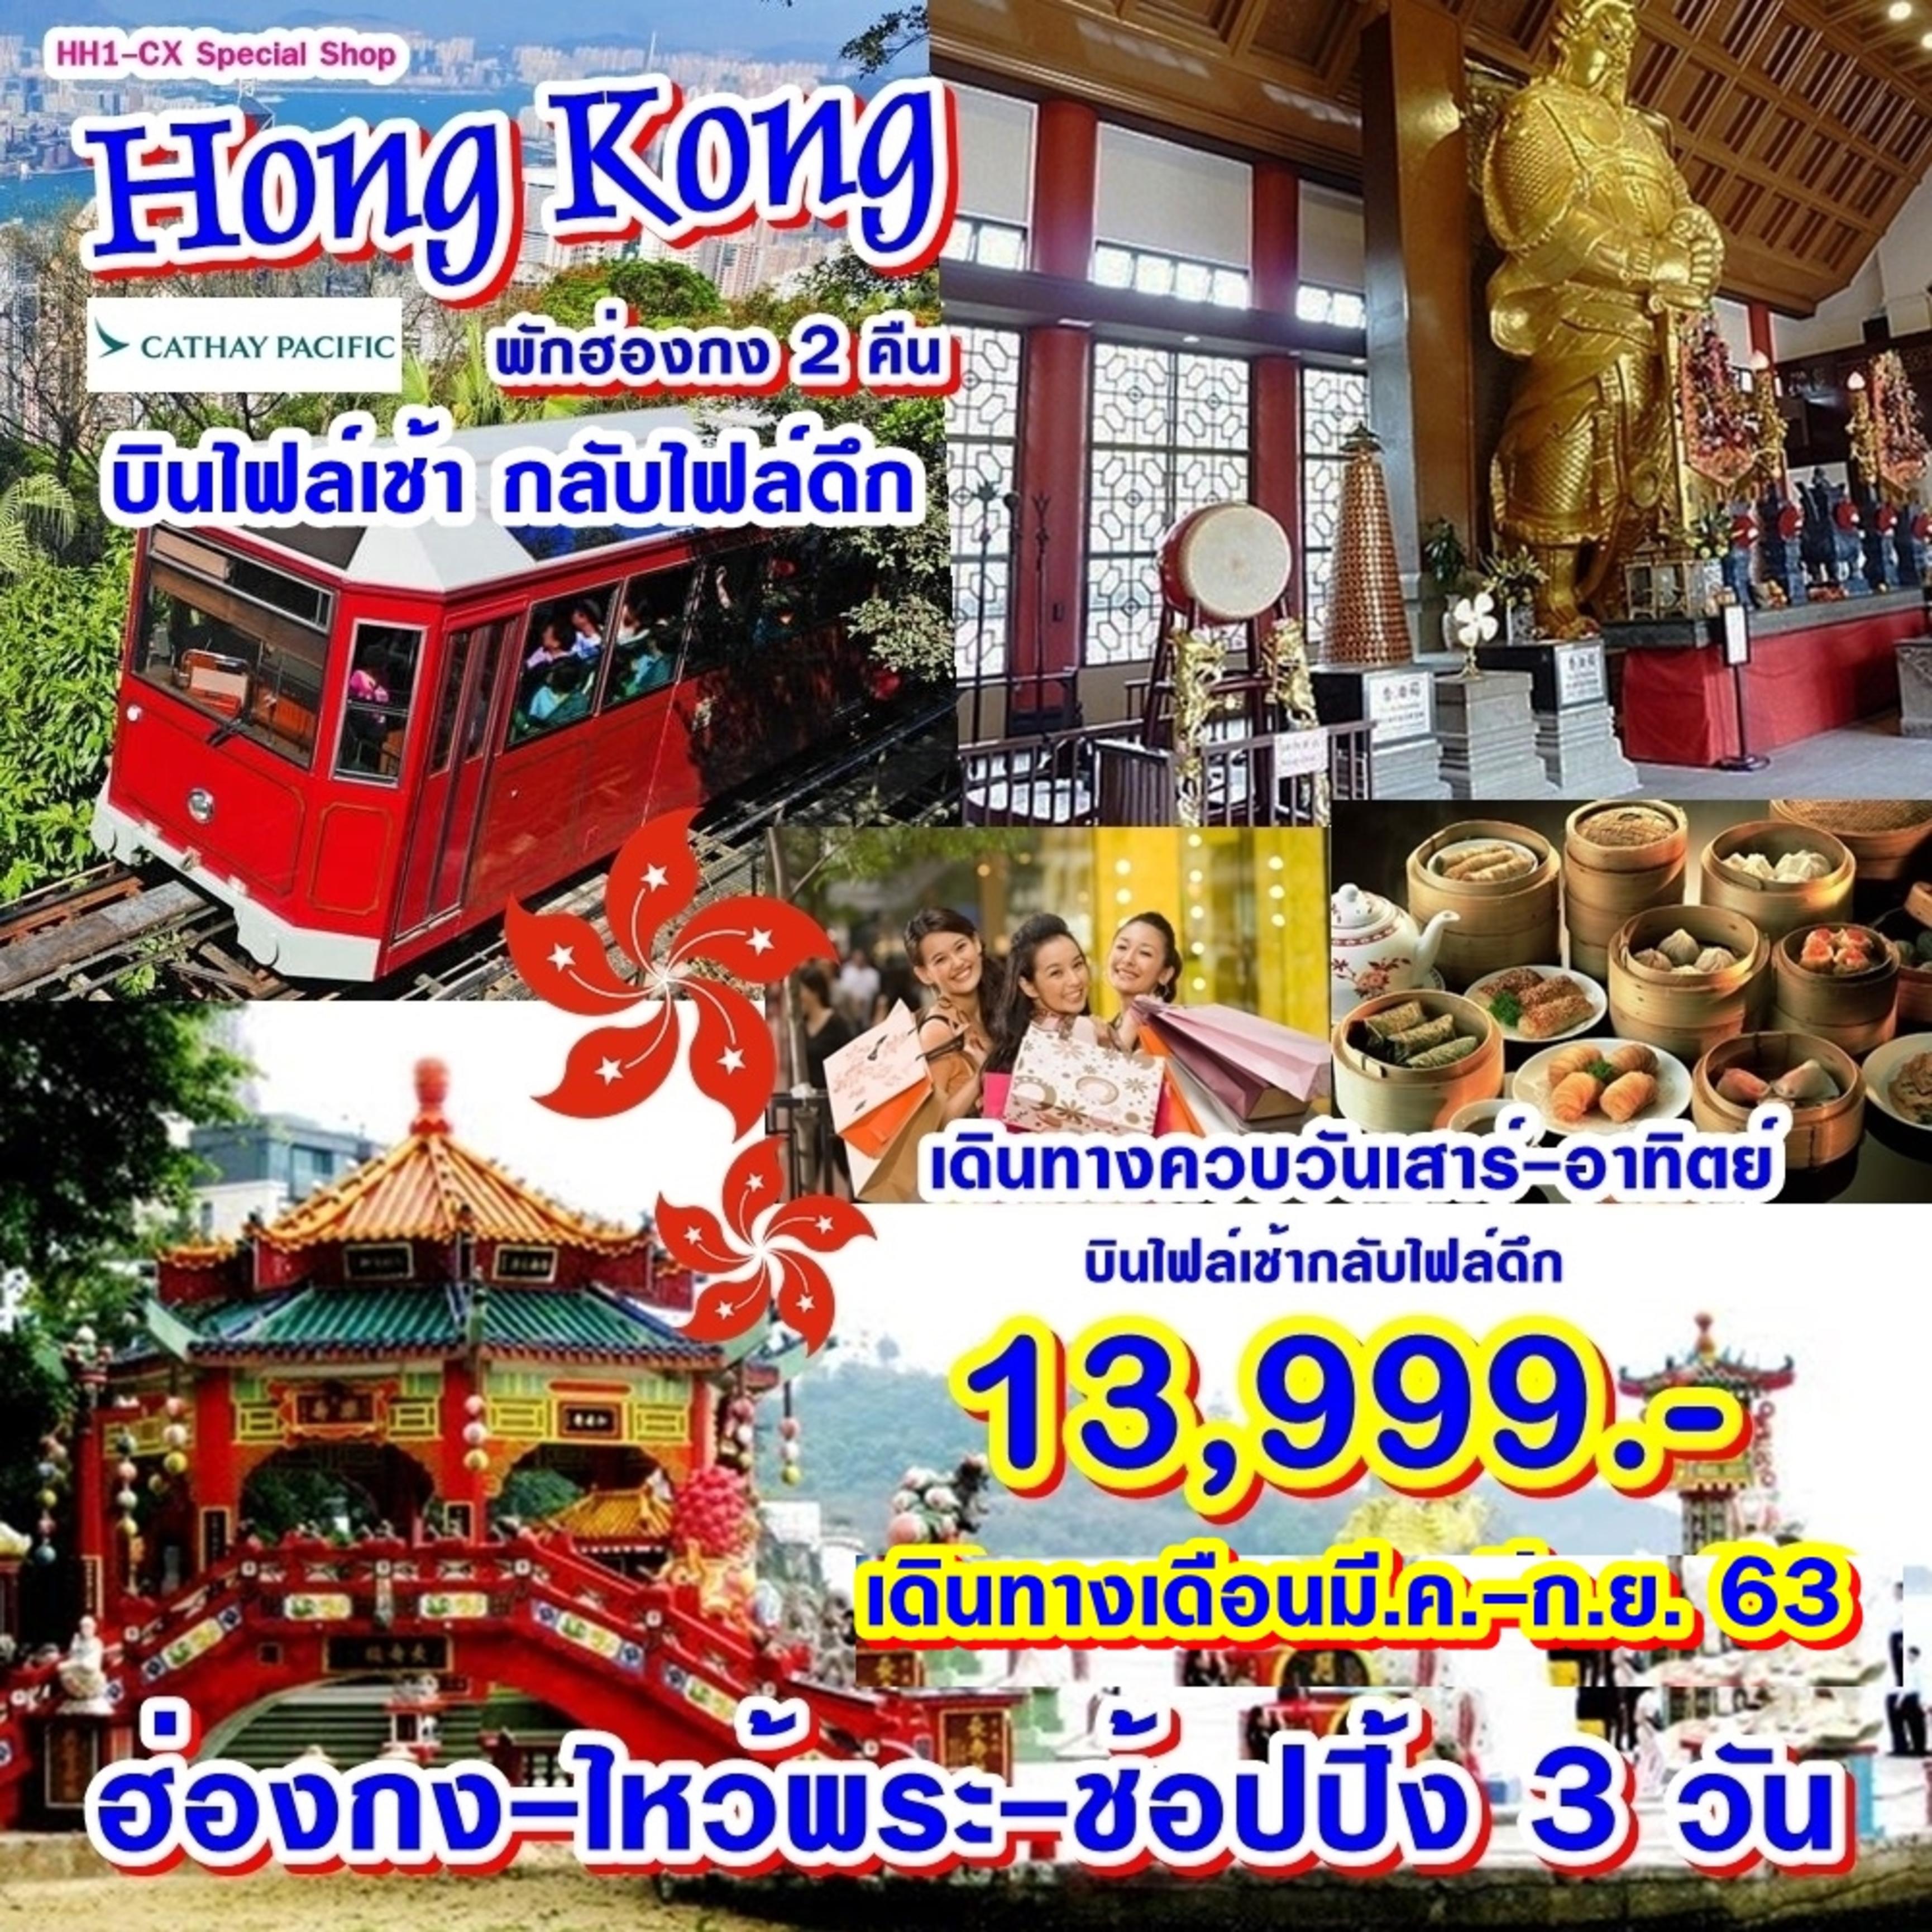 HH1-CX Special Shop ฮ่องกง-ไหว้พระ-ช้อปปิ้ง 3 วัน (พักฮ่องกง 2 คืน)